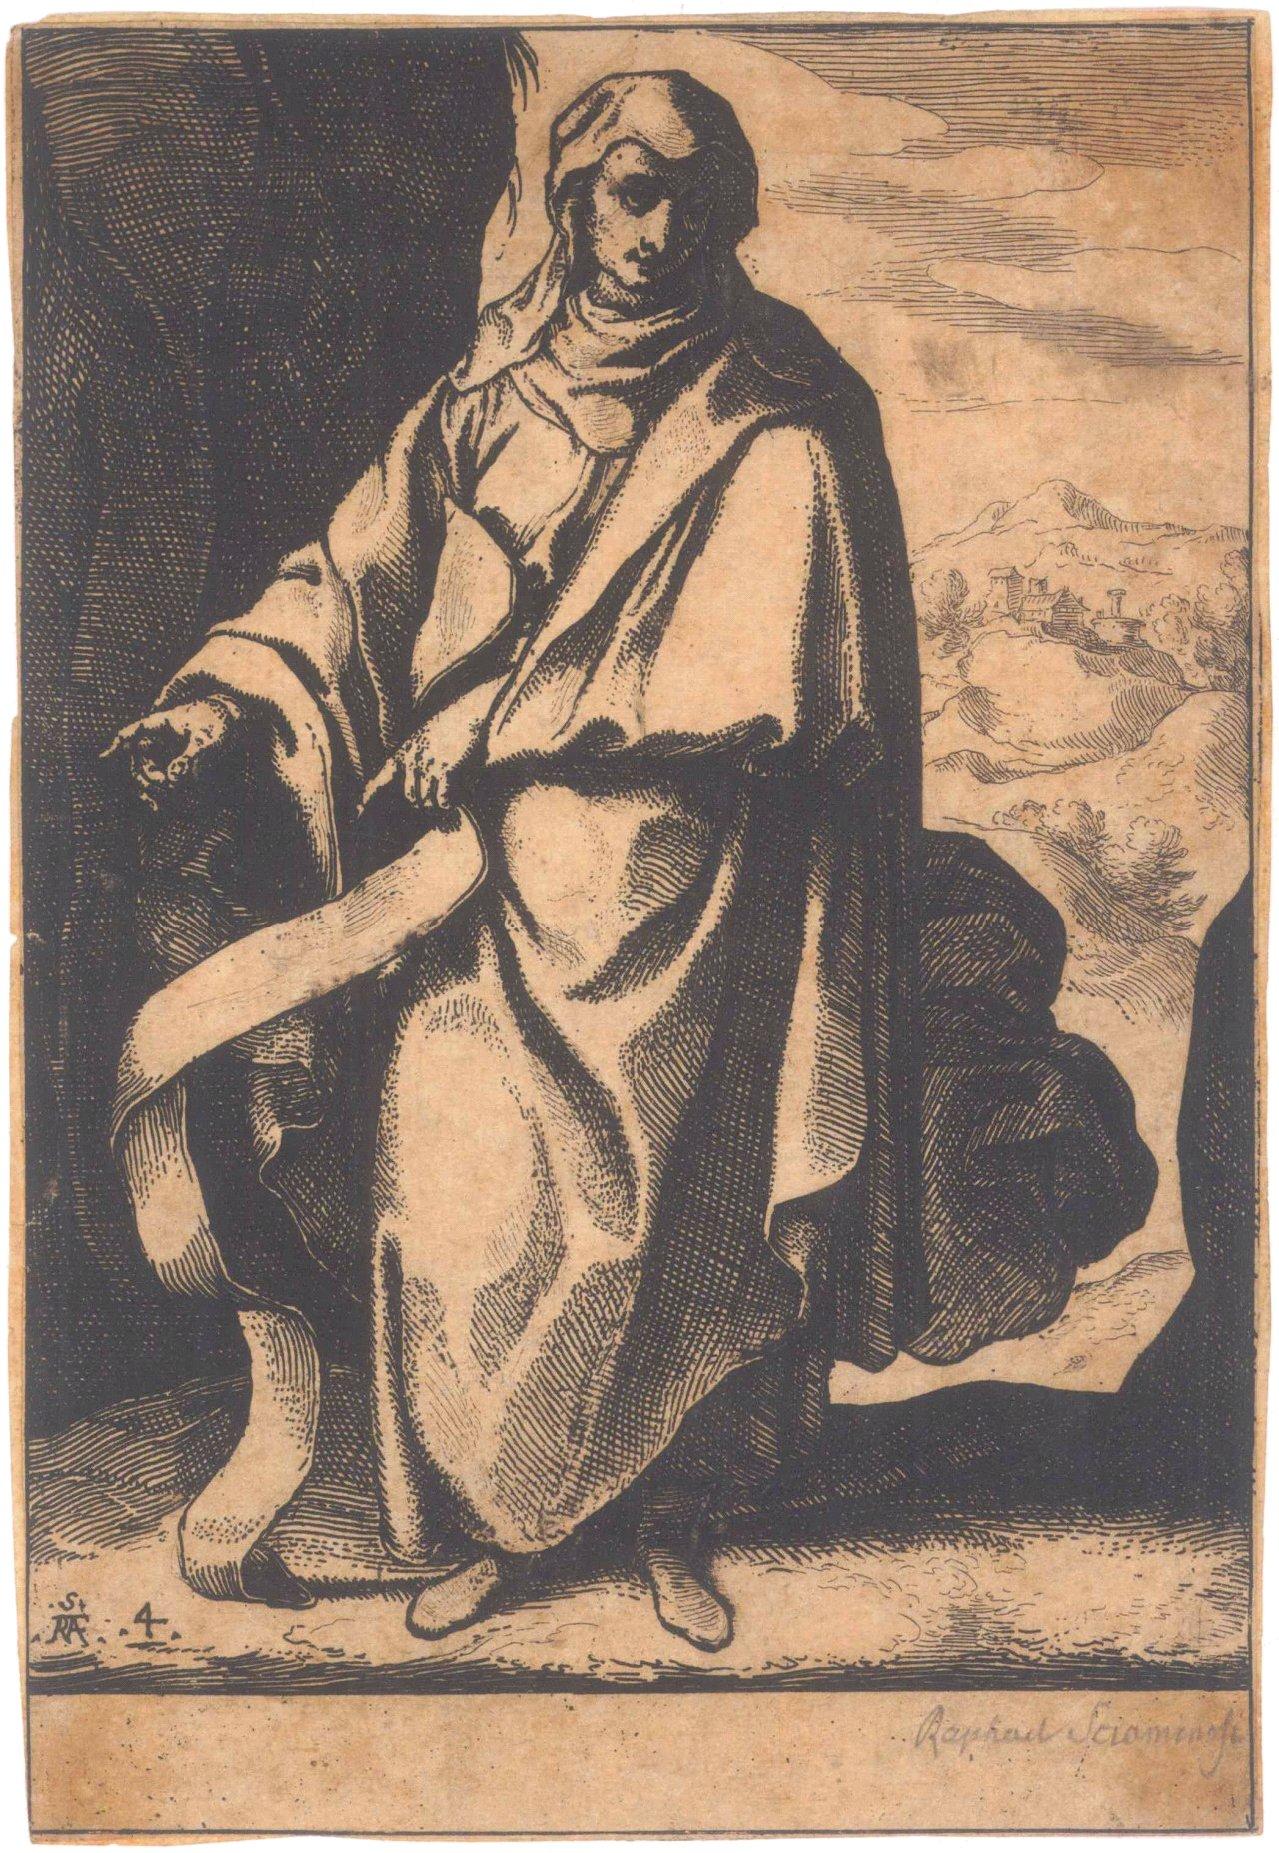 Raffaello Schiaminossi (1572 – 1622)